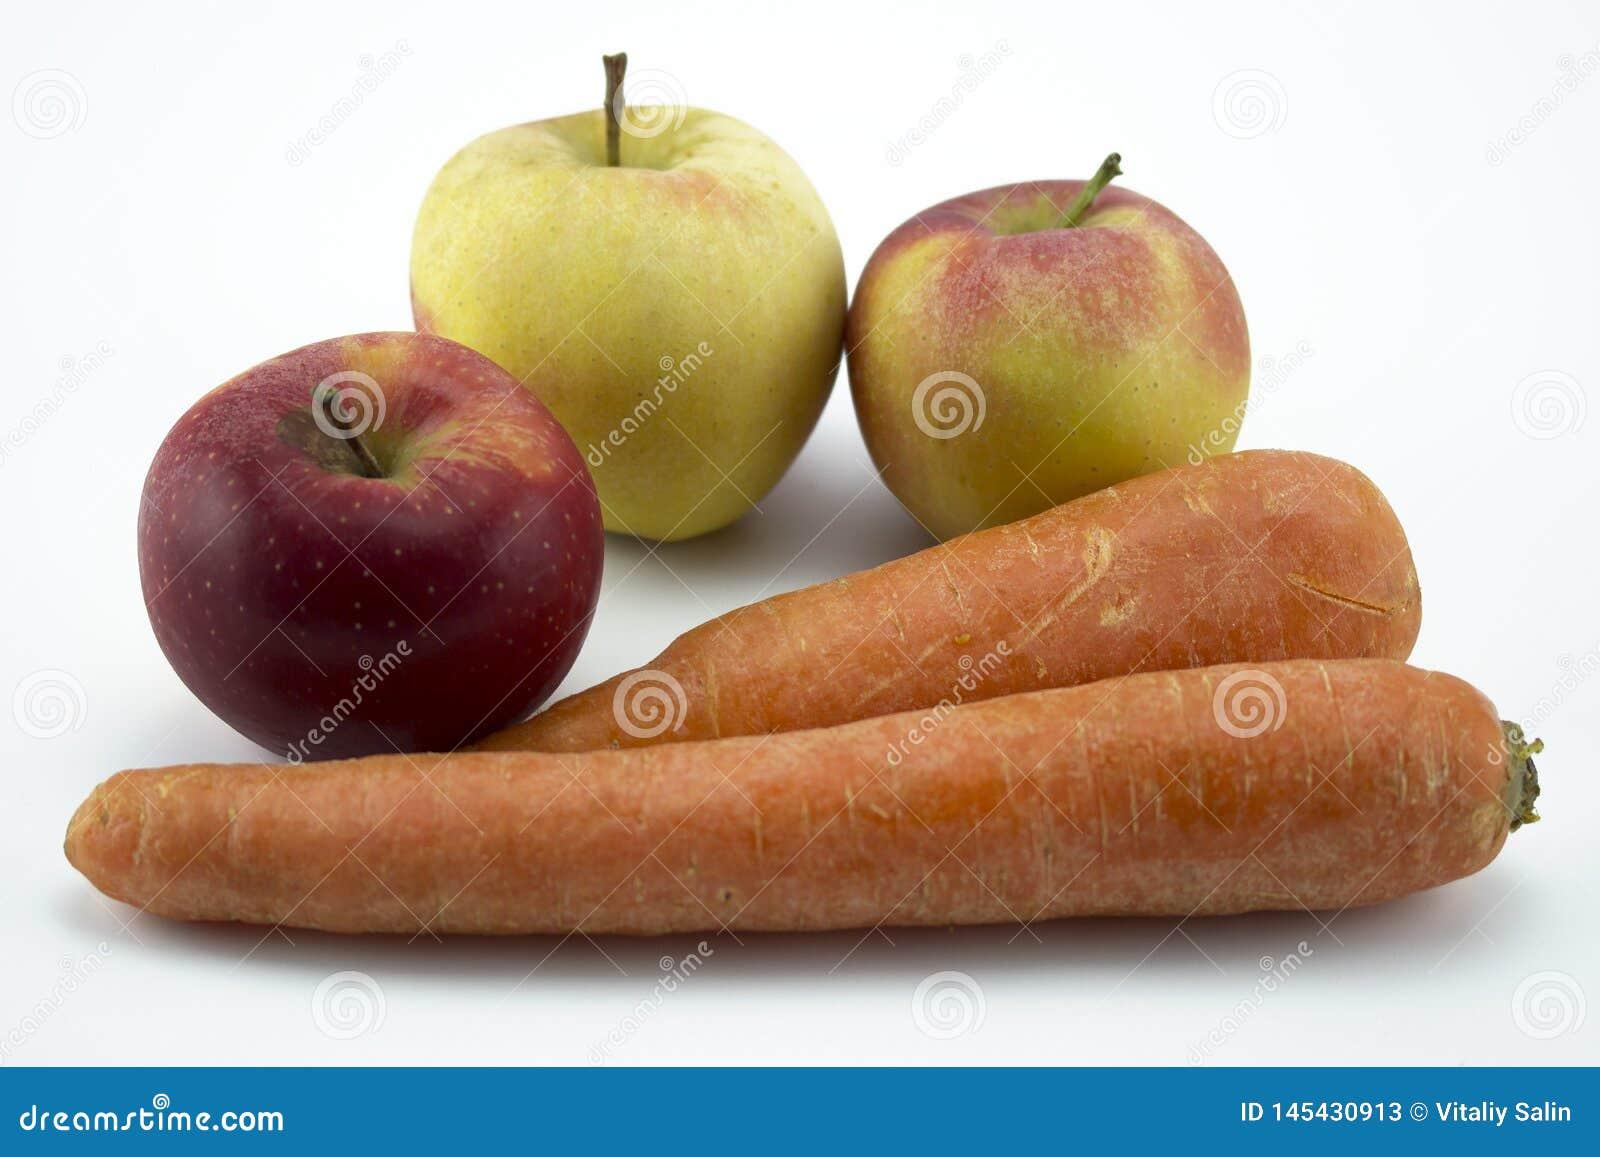 Karotten und ?pfel lokalisiert auf wei?em Hintergrund